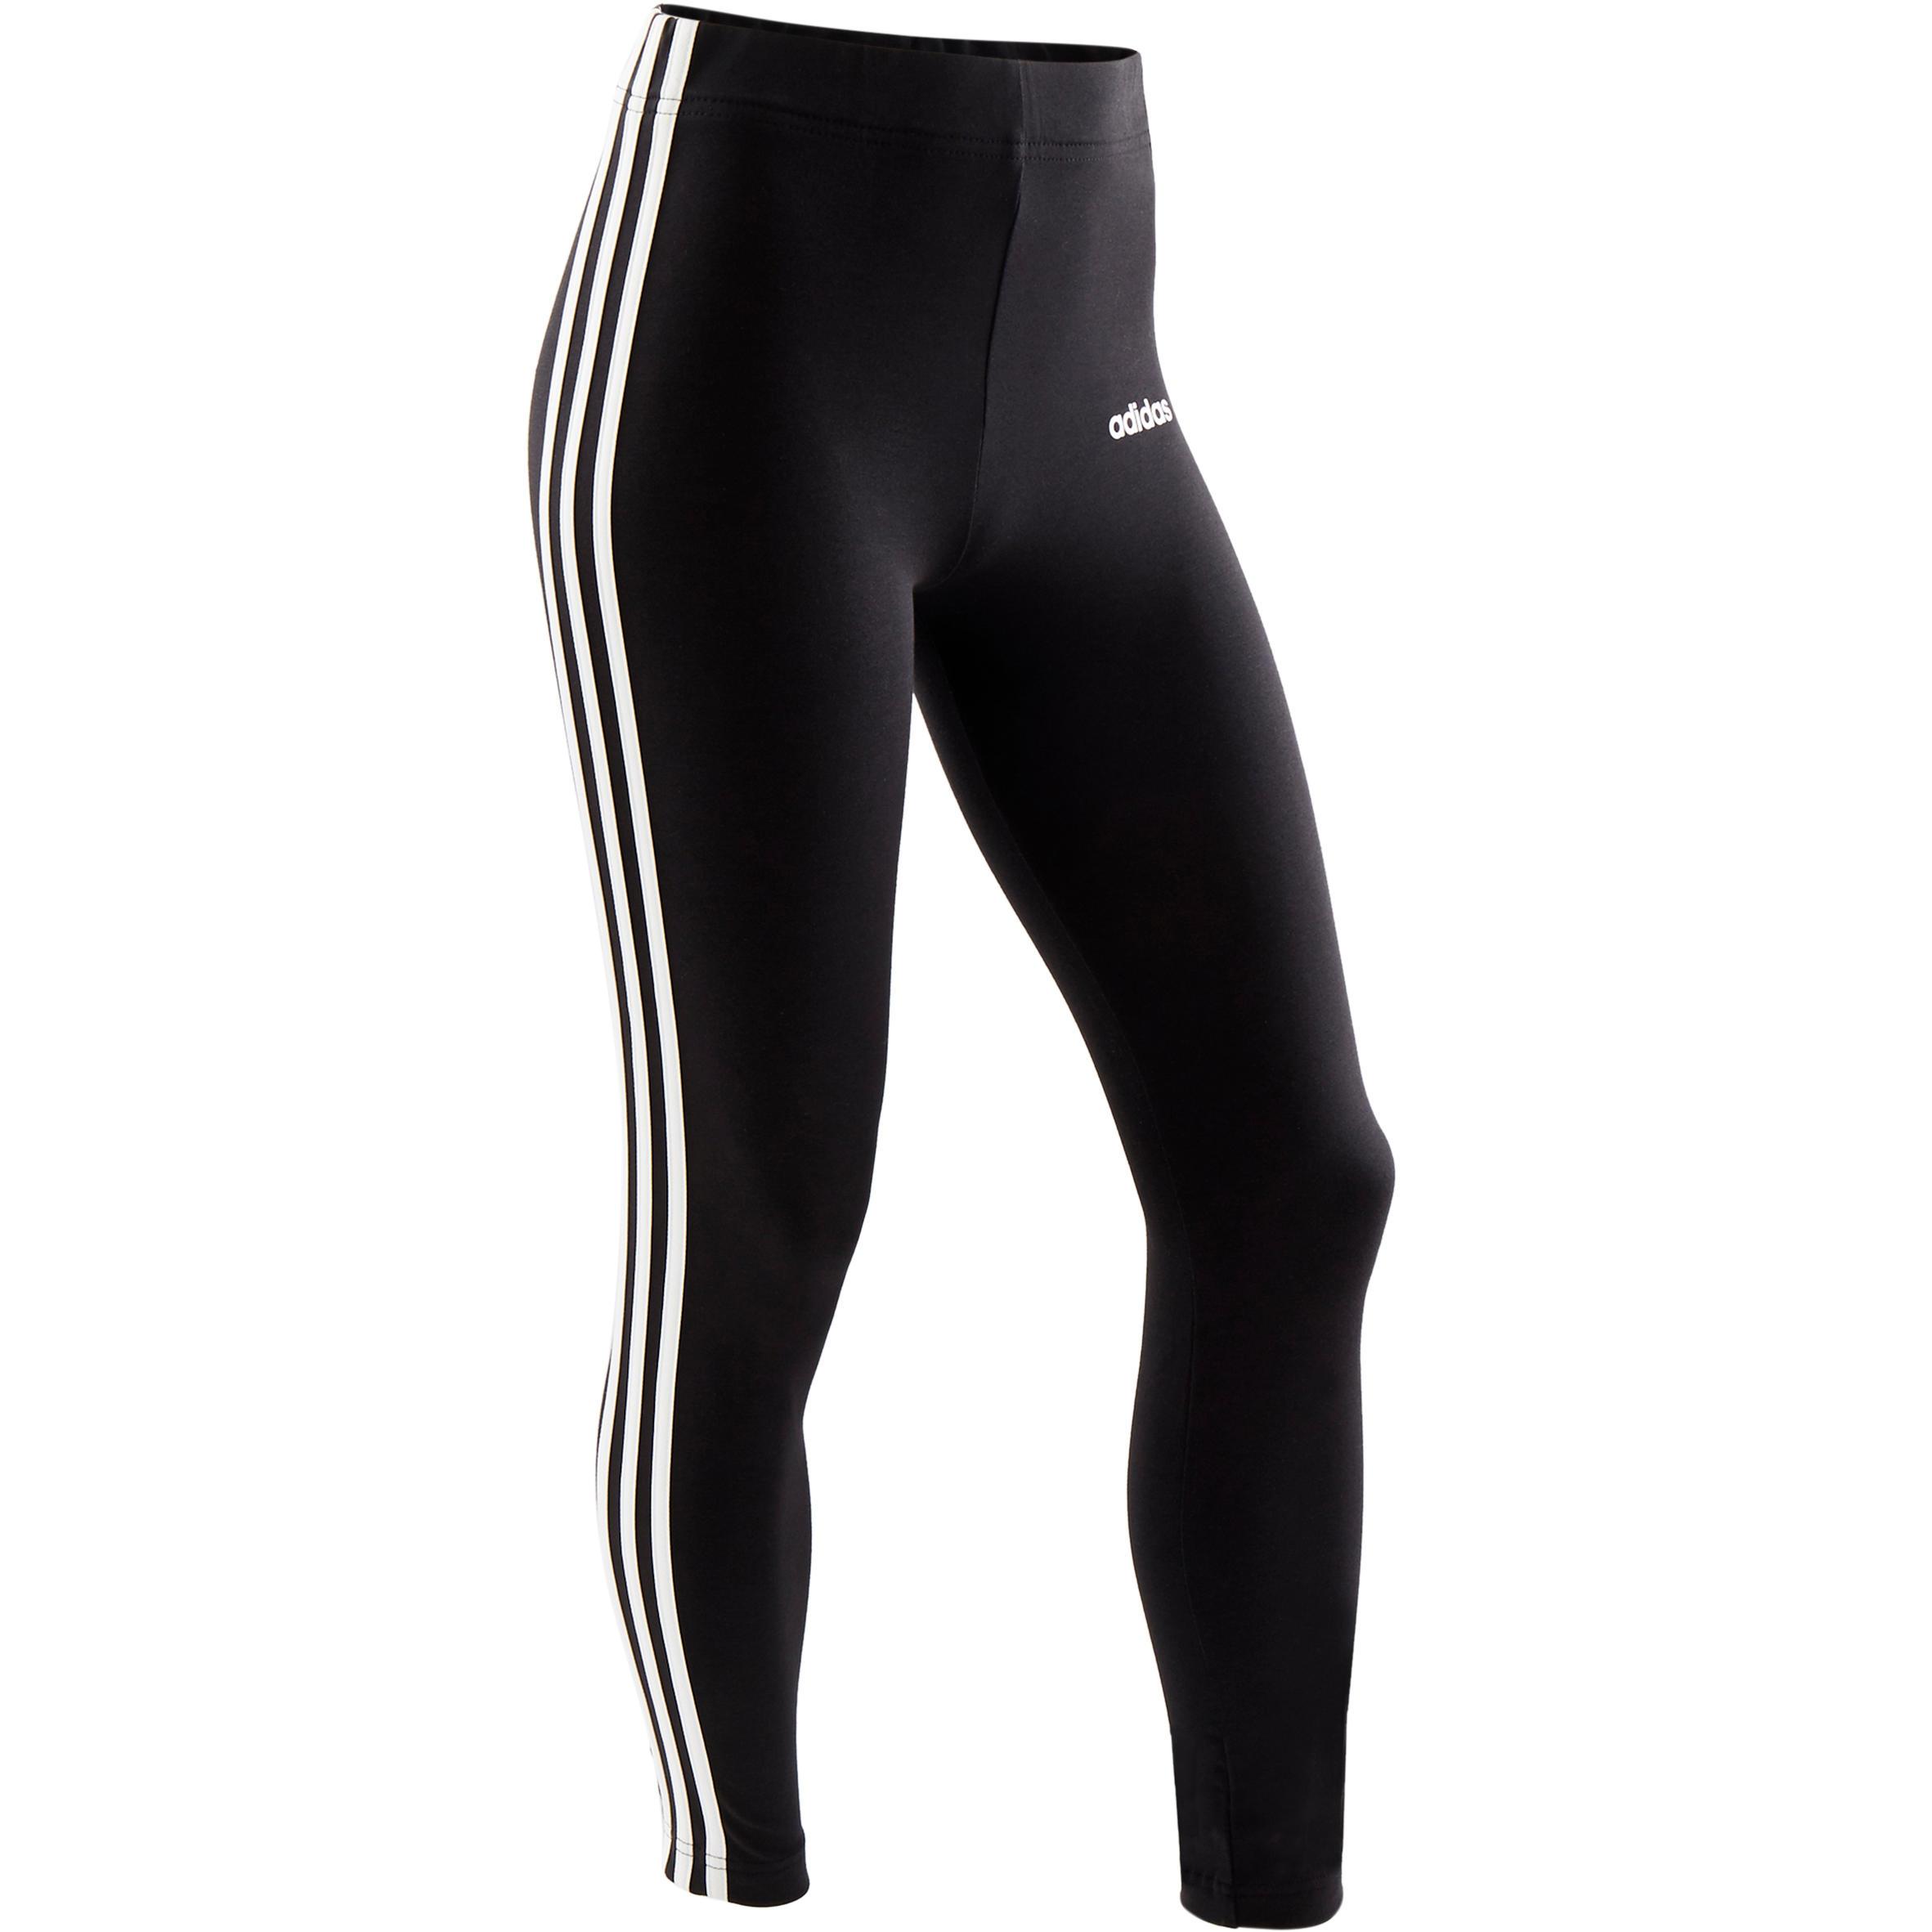 Adidas Legging Voor Meisjes Zwart Met 3 Witte Strepen Opzij Decathlon